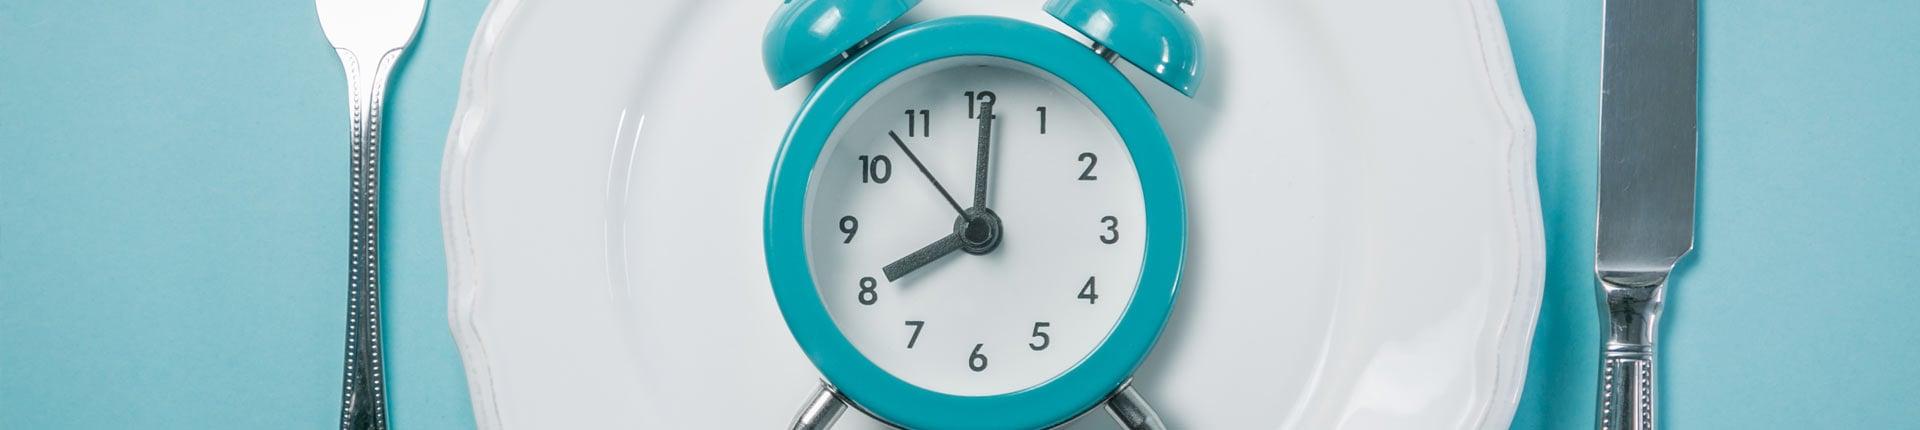 Na czym polega intermittent fasting? Prosty przewodnik po przerywanym poście